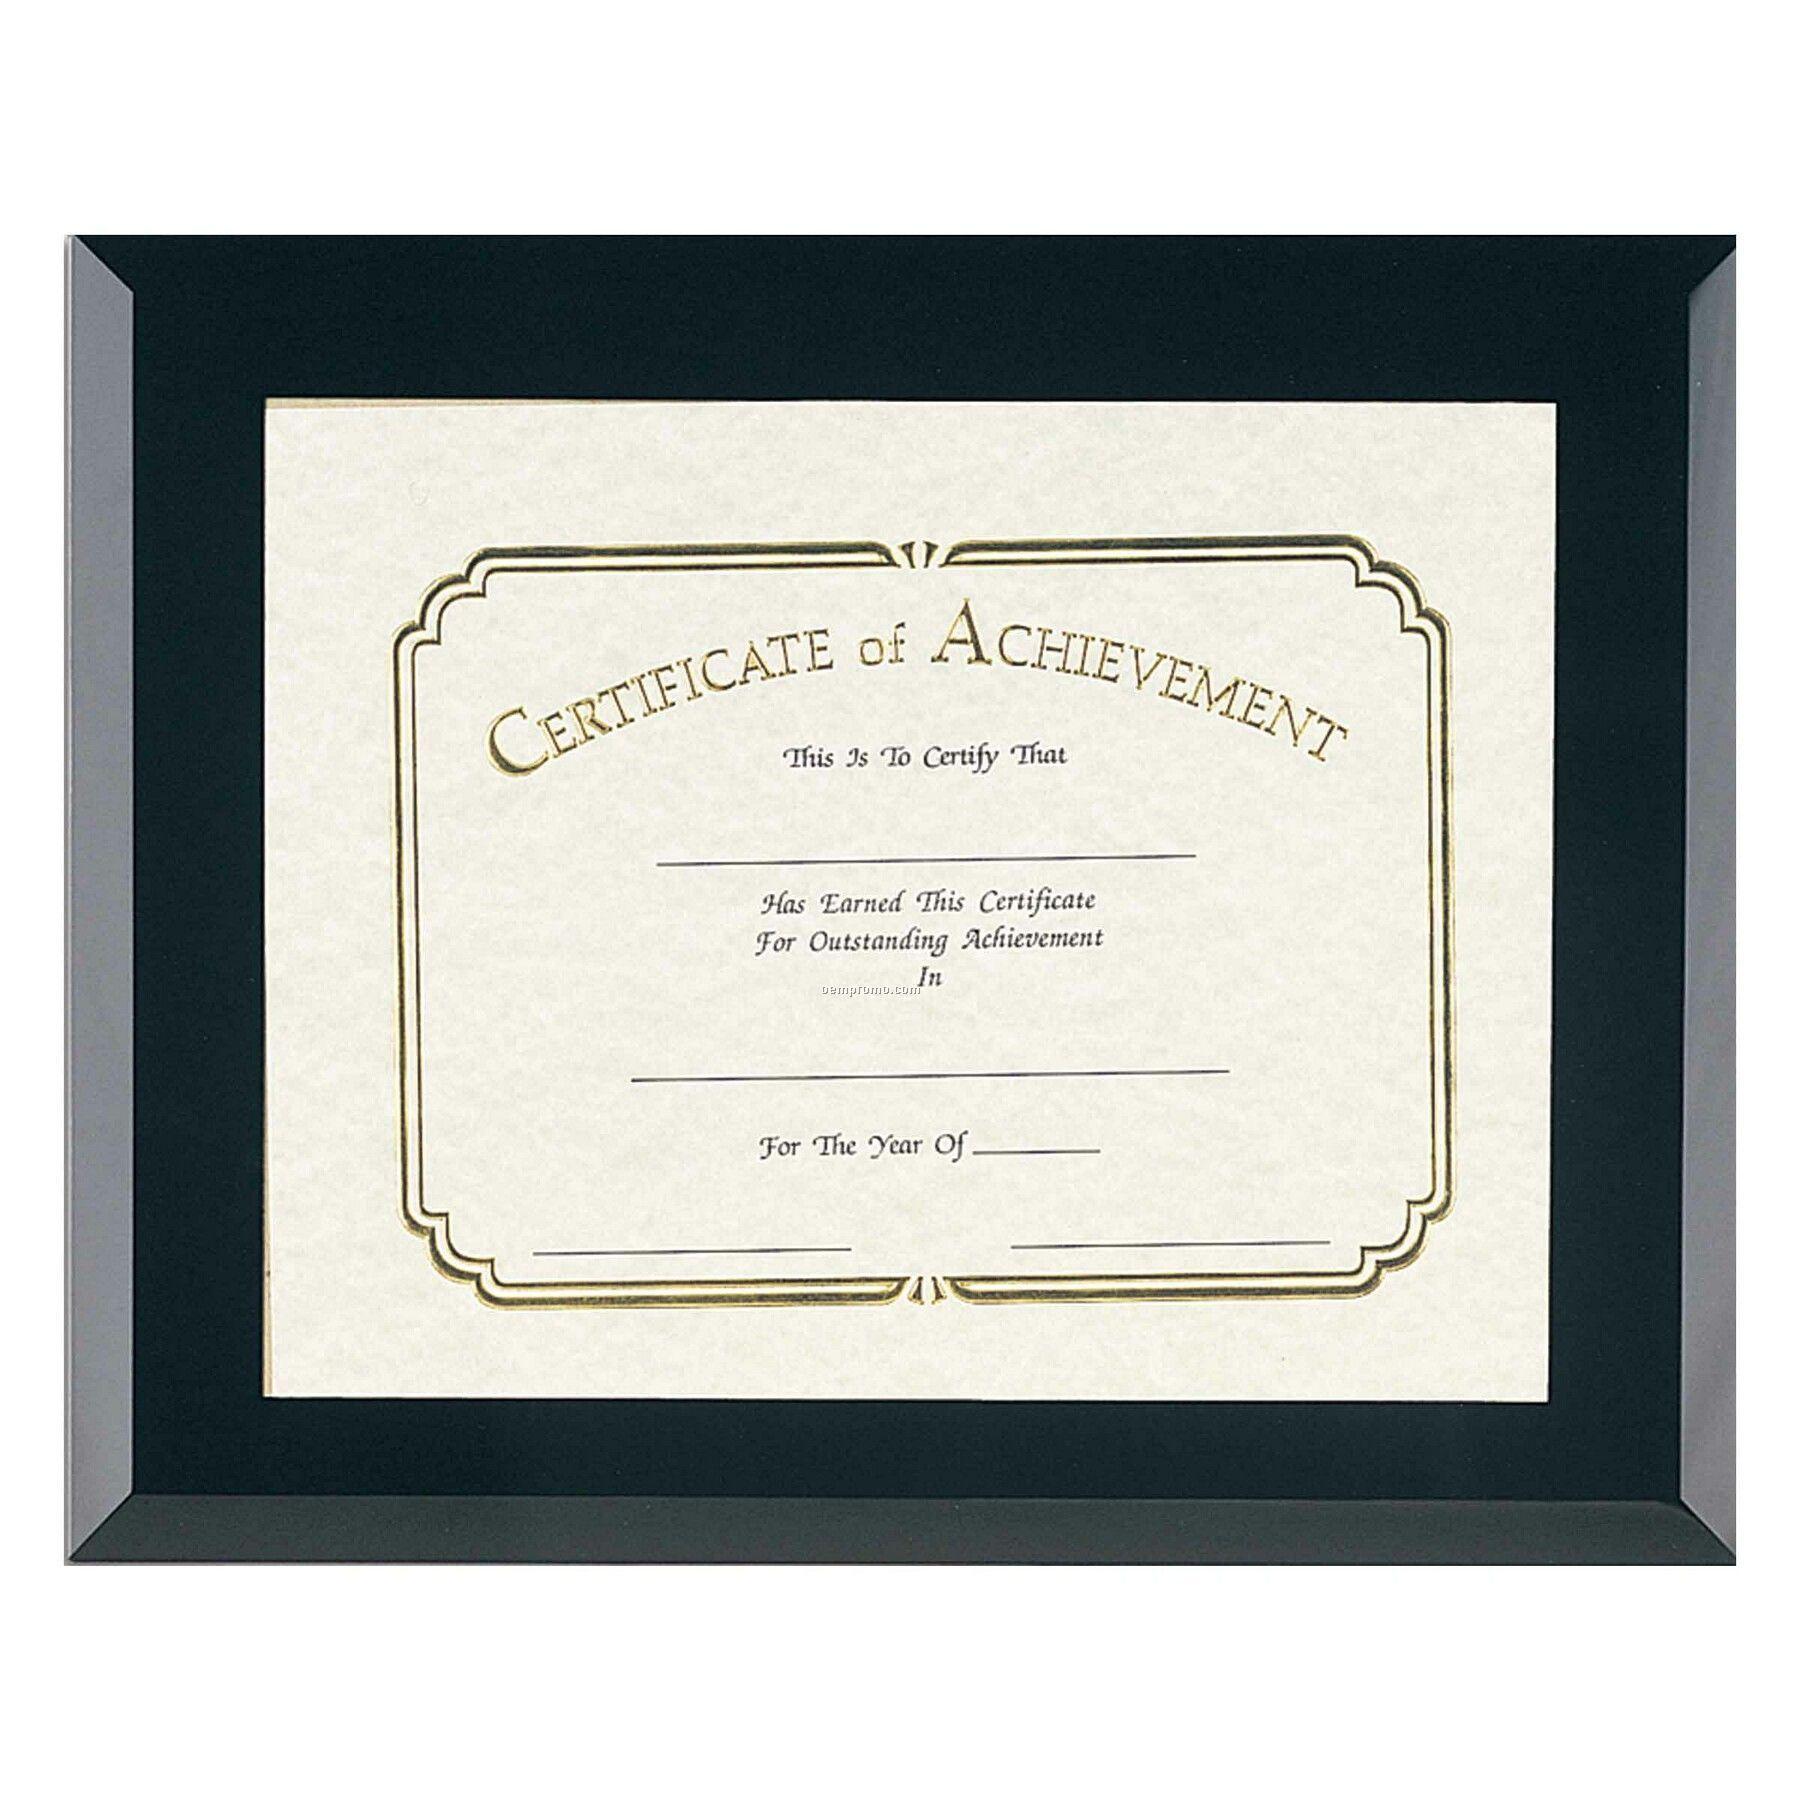 Black Glass Certificate Frame - 8x10 Certificate